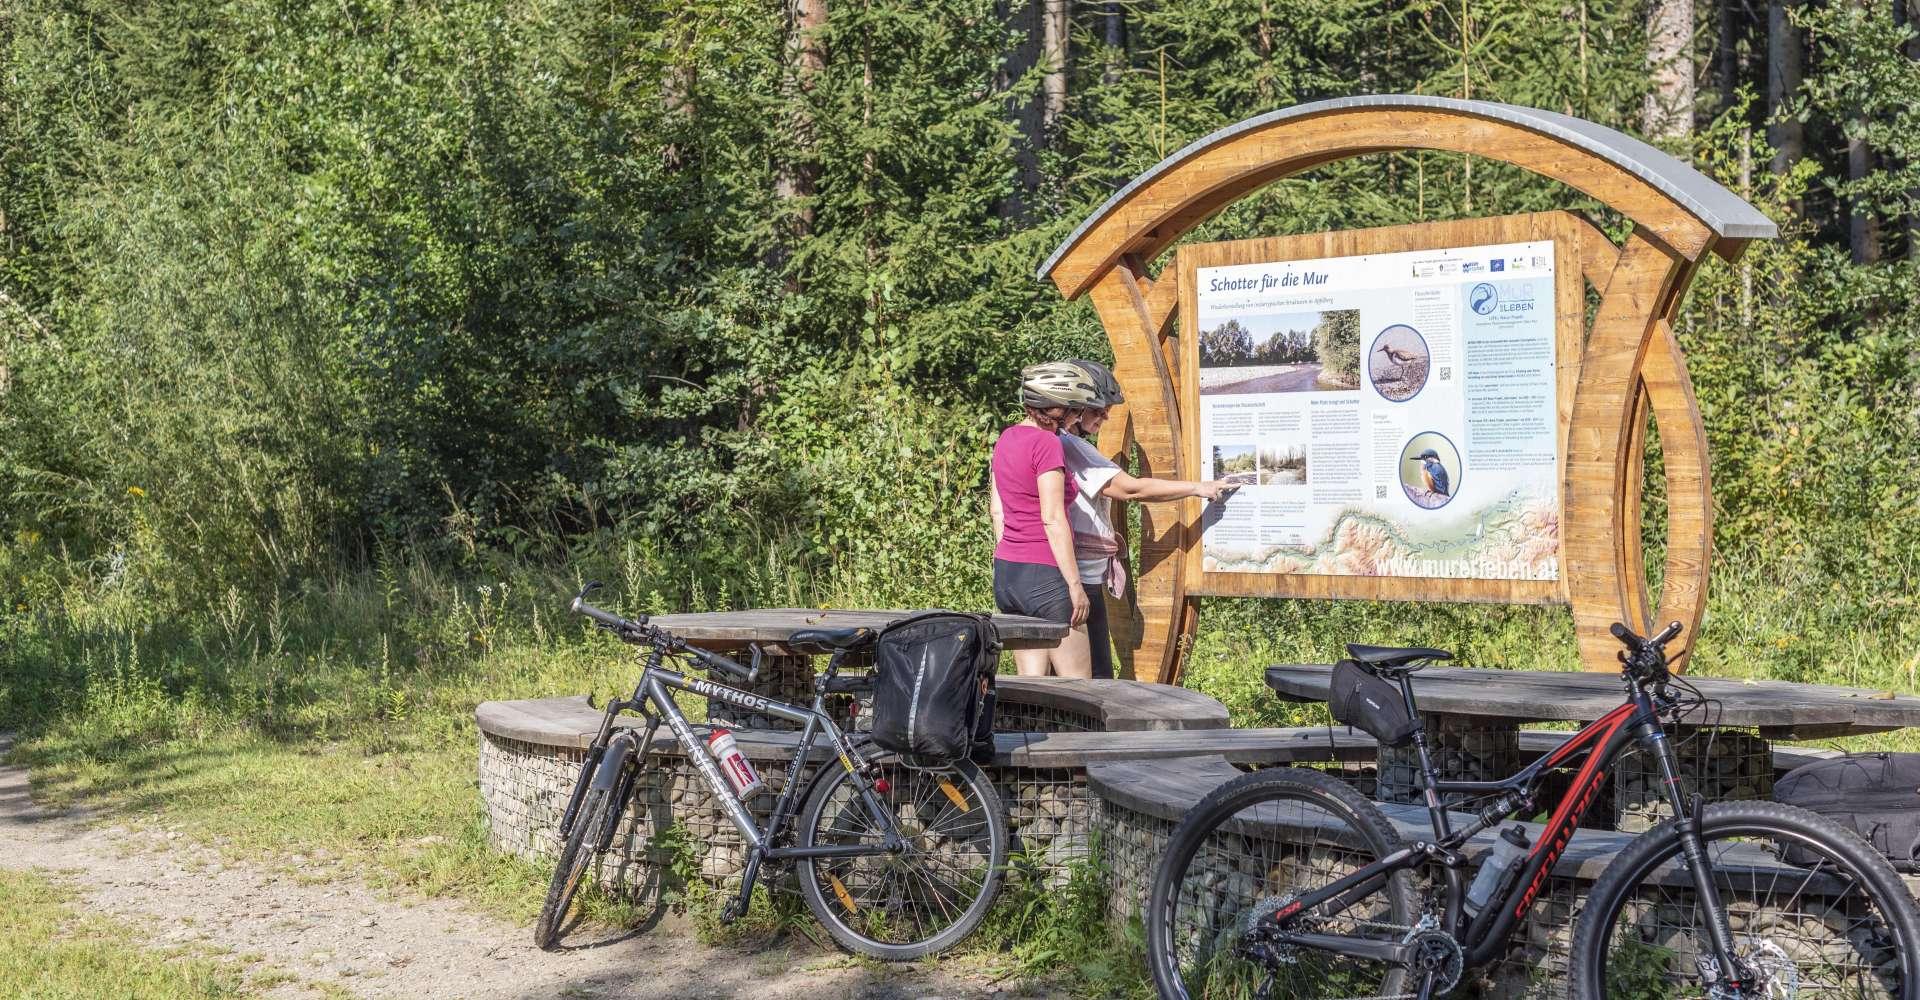 <p>Murradweg - im Murtal wird bei der Fahrt mit dem Fahrrad gerne gerastet. </p> Copyright: